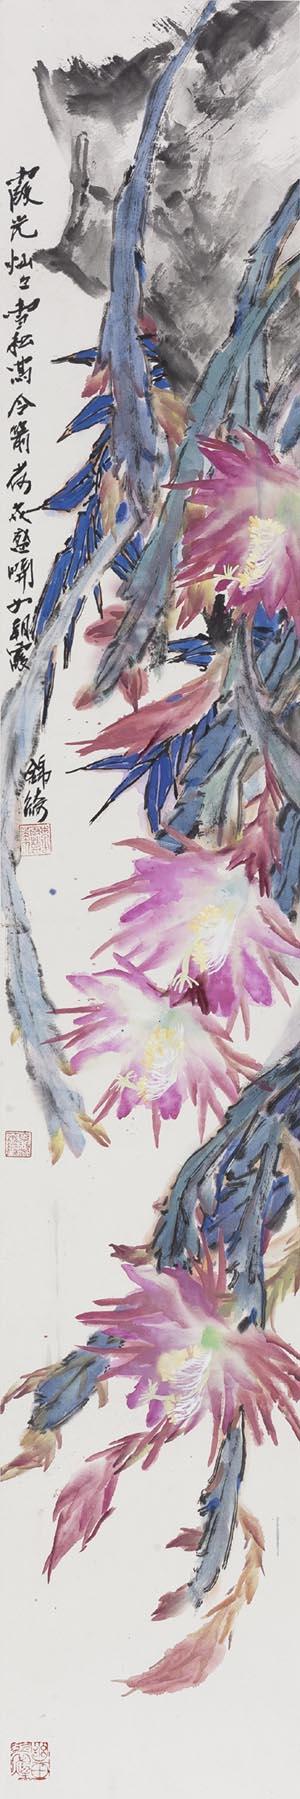 李雪松《瑞花系列之五》  138x23cm  2015年 .jpg